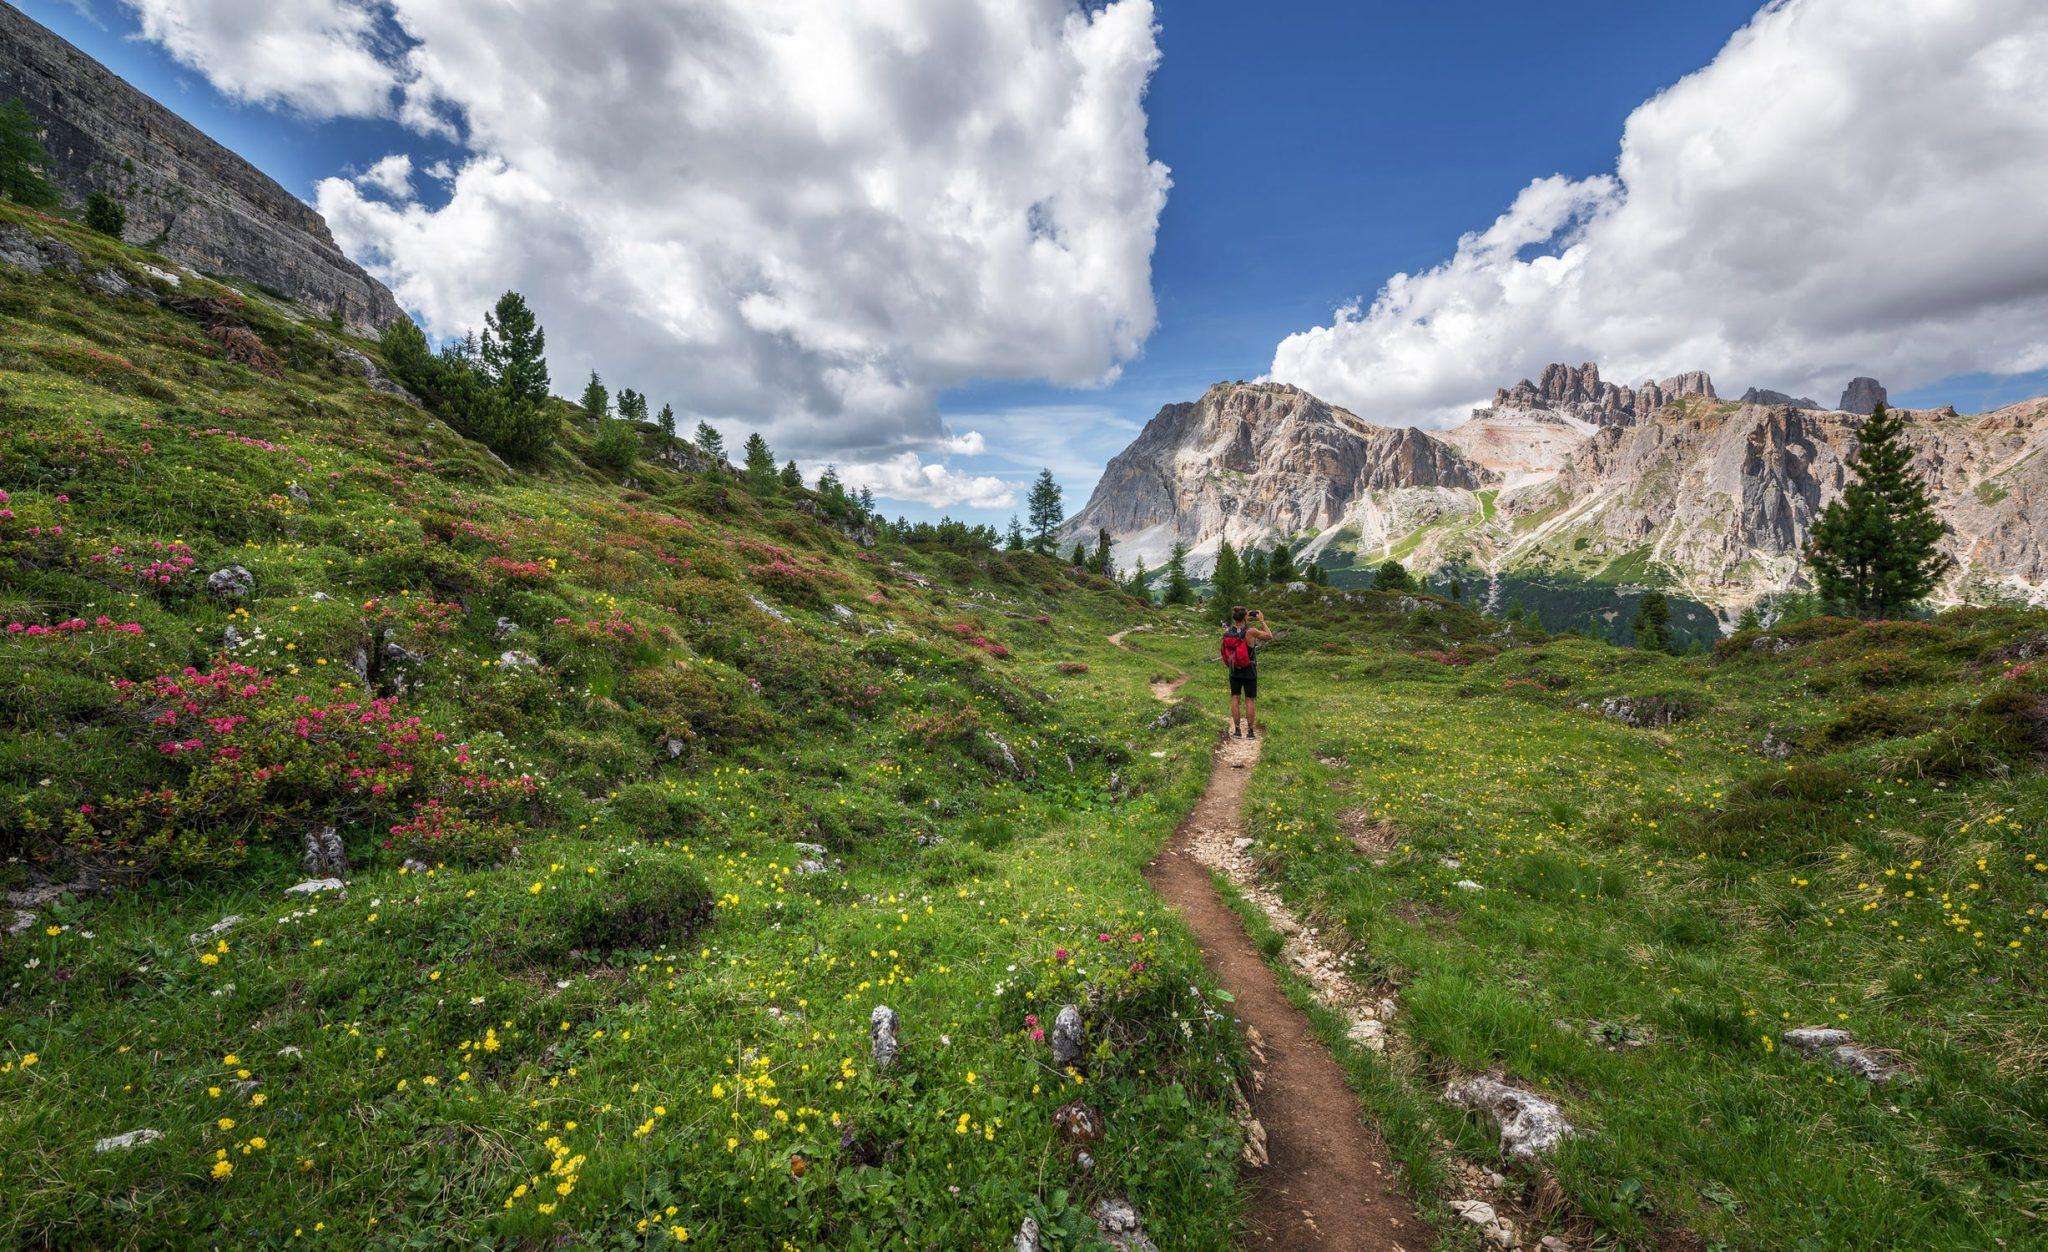 Ορεινές Διαδρομές Και Μονοπάτια Για Πεζοπορία